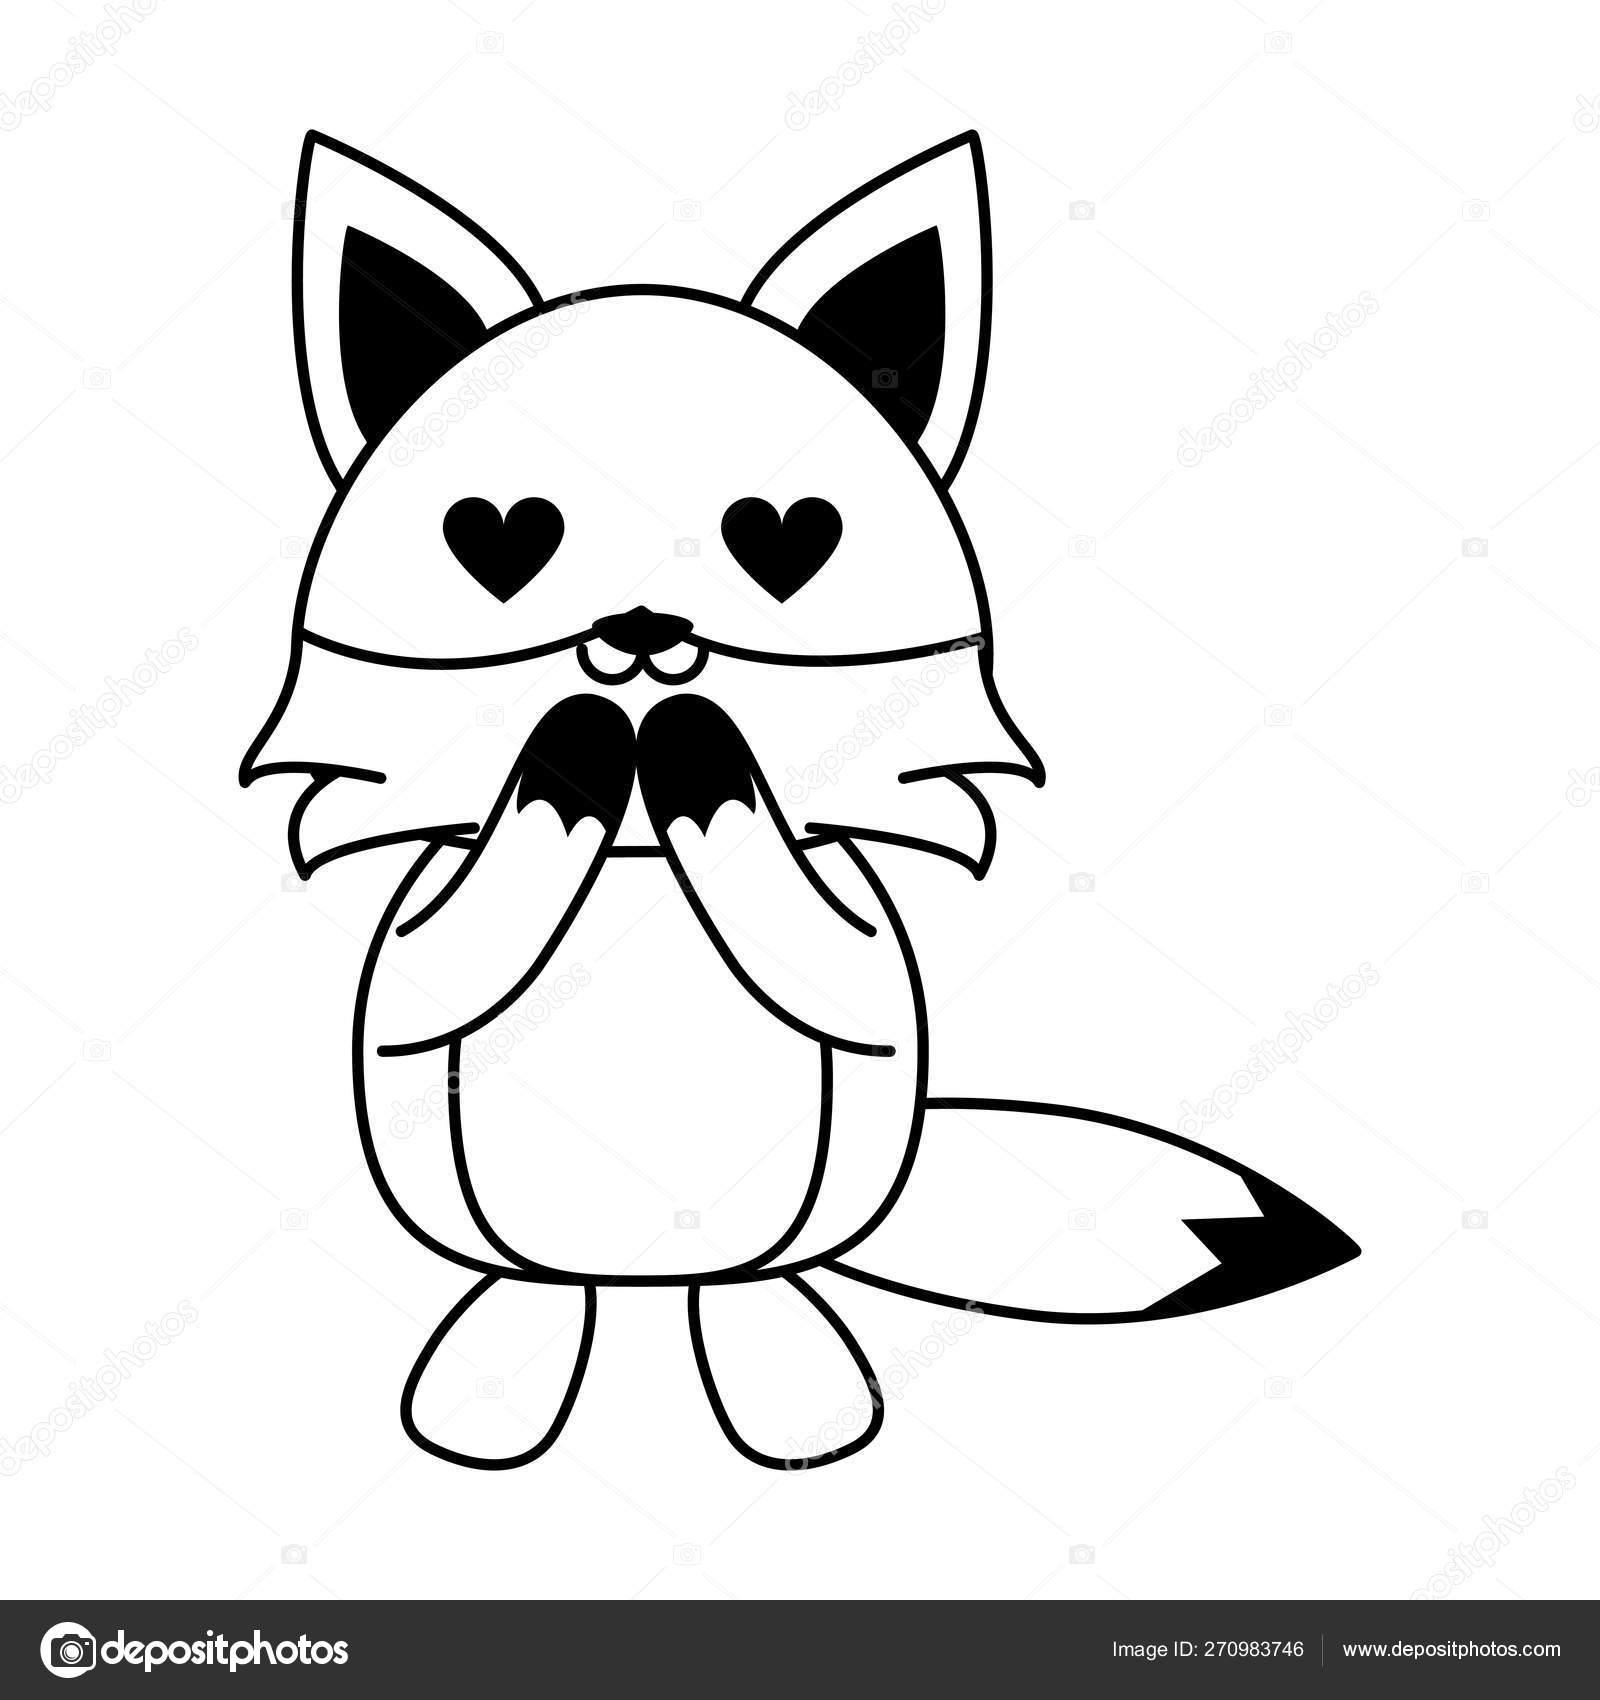 Dessin Anime Mignon D Animal De Renard Dans Le Noir Et Le Blanc